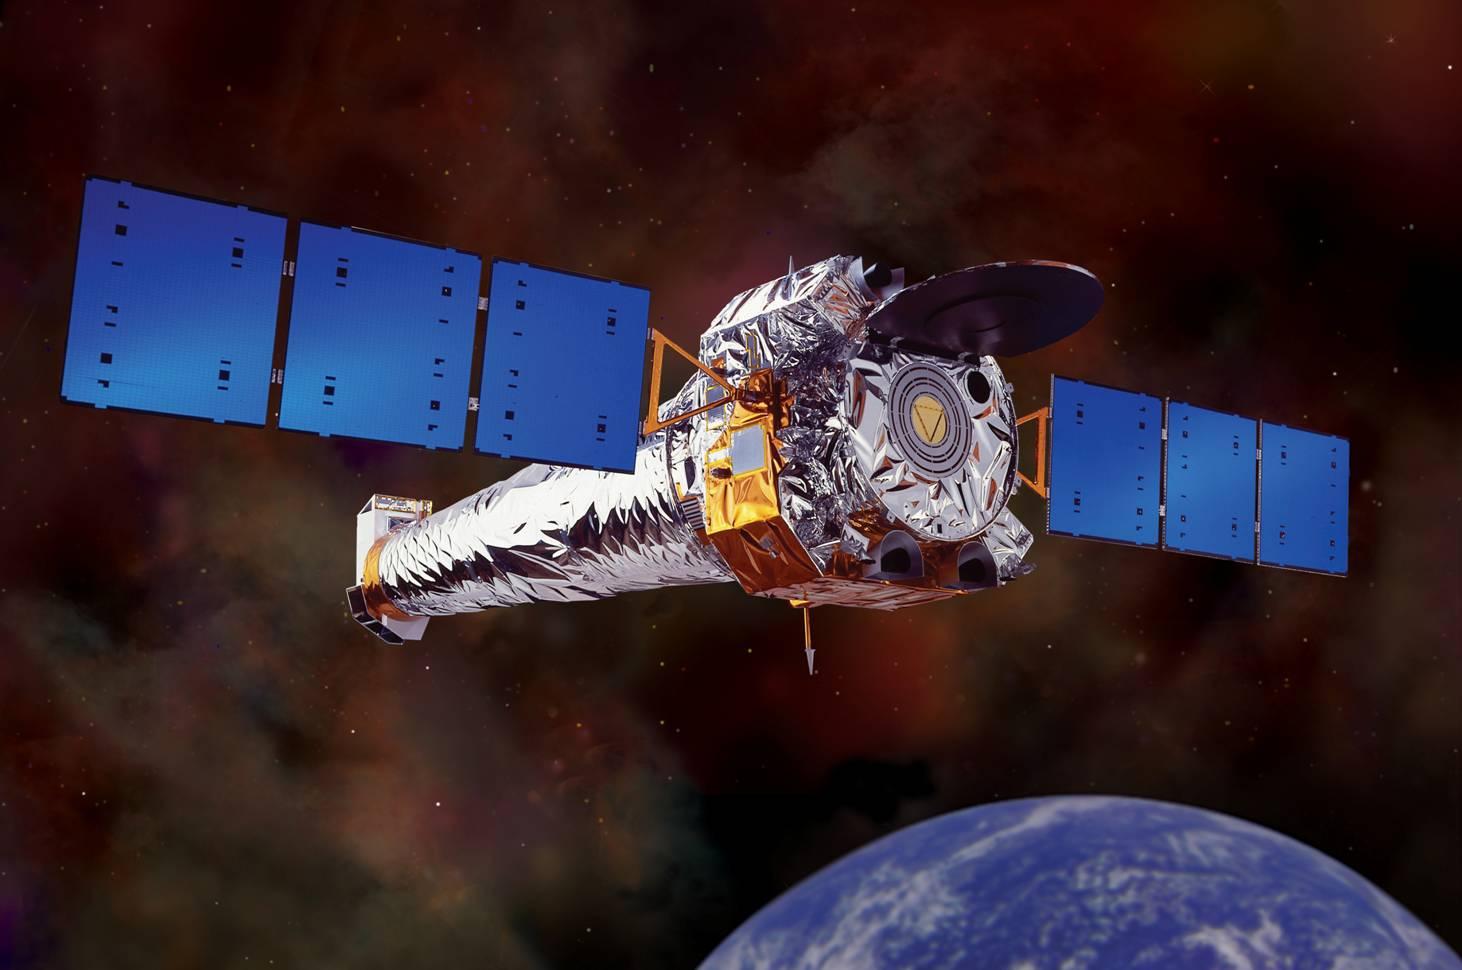 Chandra X-ray Observatory | NASA